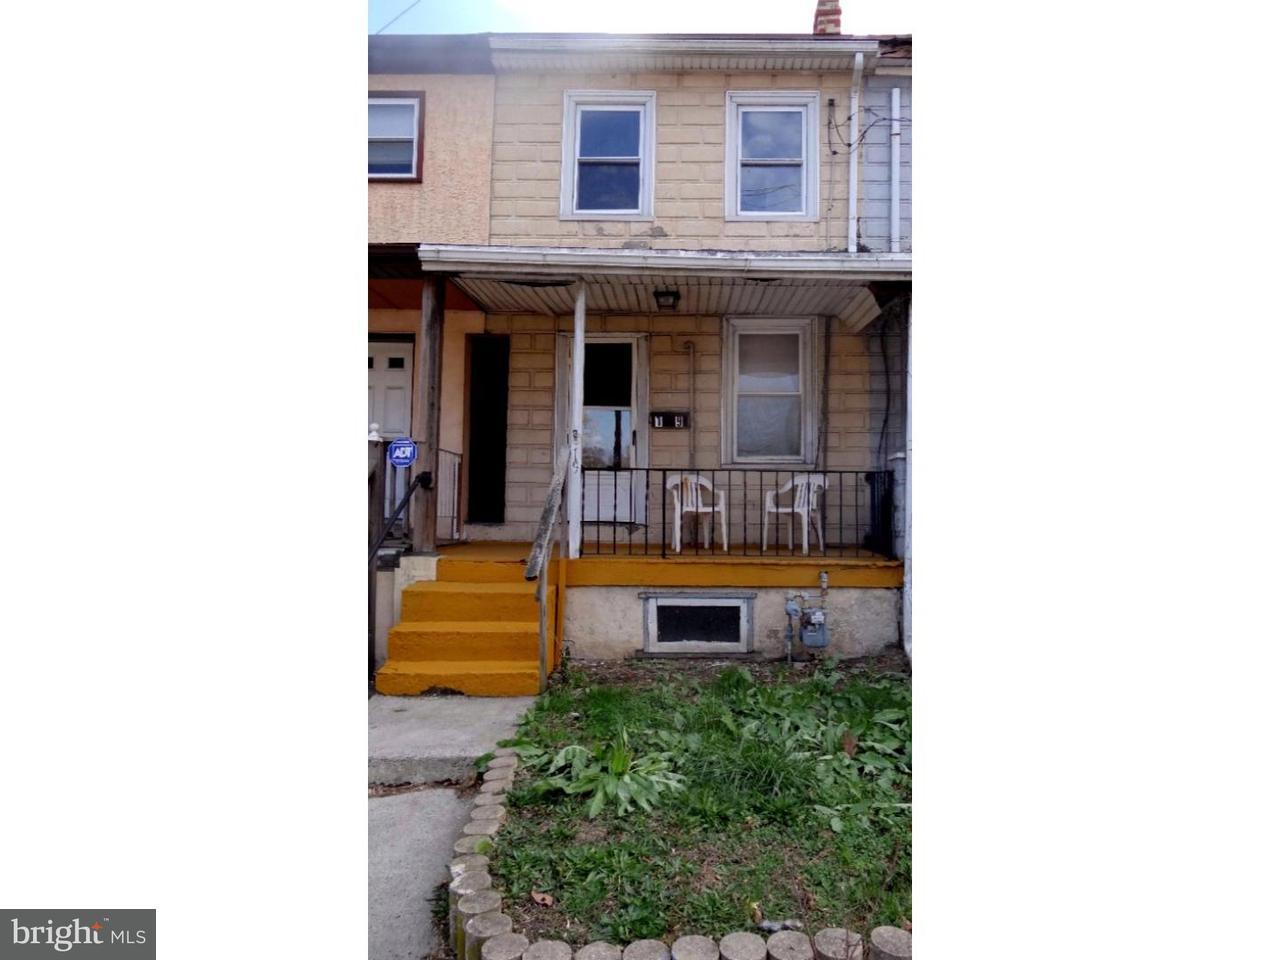 Casa unifamiliar adosada (Townhouse) por un Alquiler en 947 COATES ST ##19 Bridgeport, Pennsylvania 19405 Estados Unidos